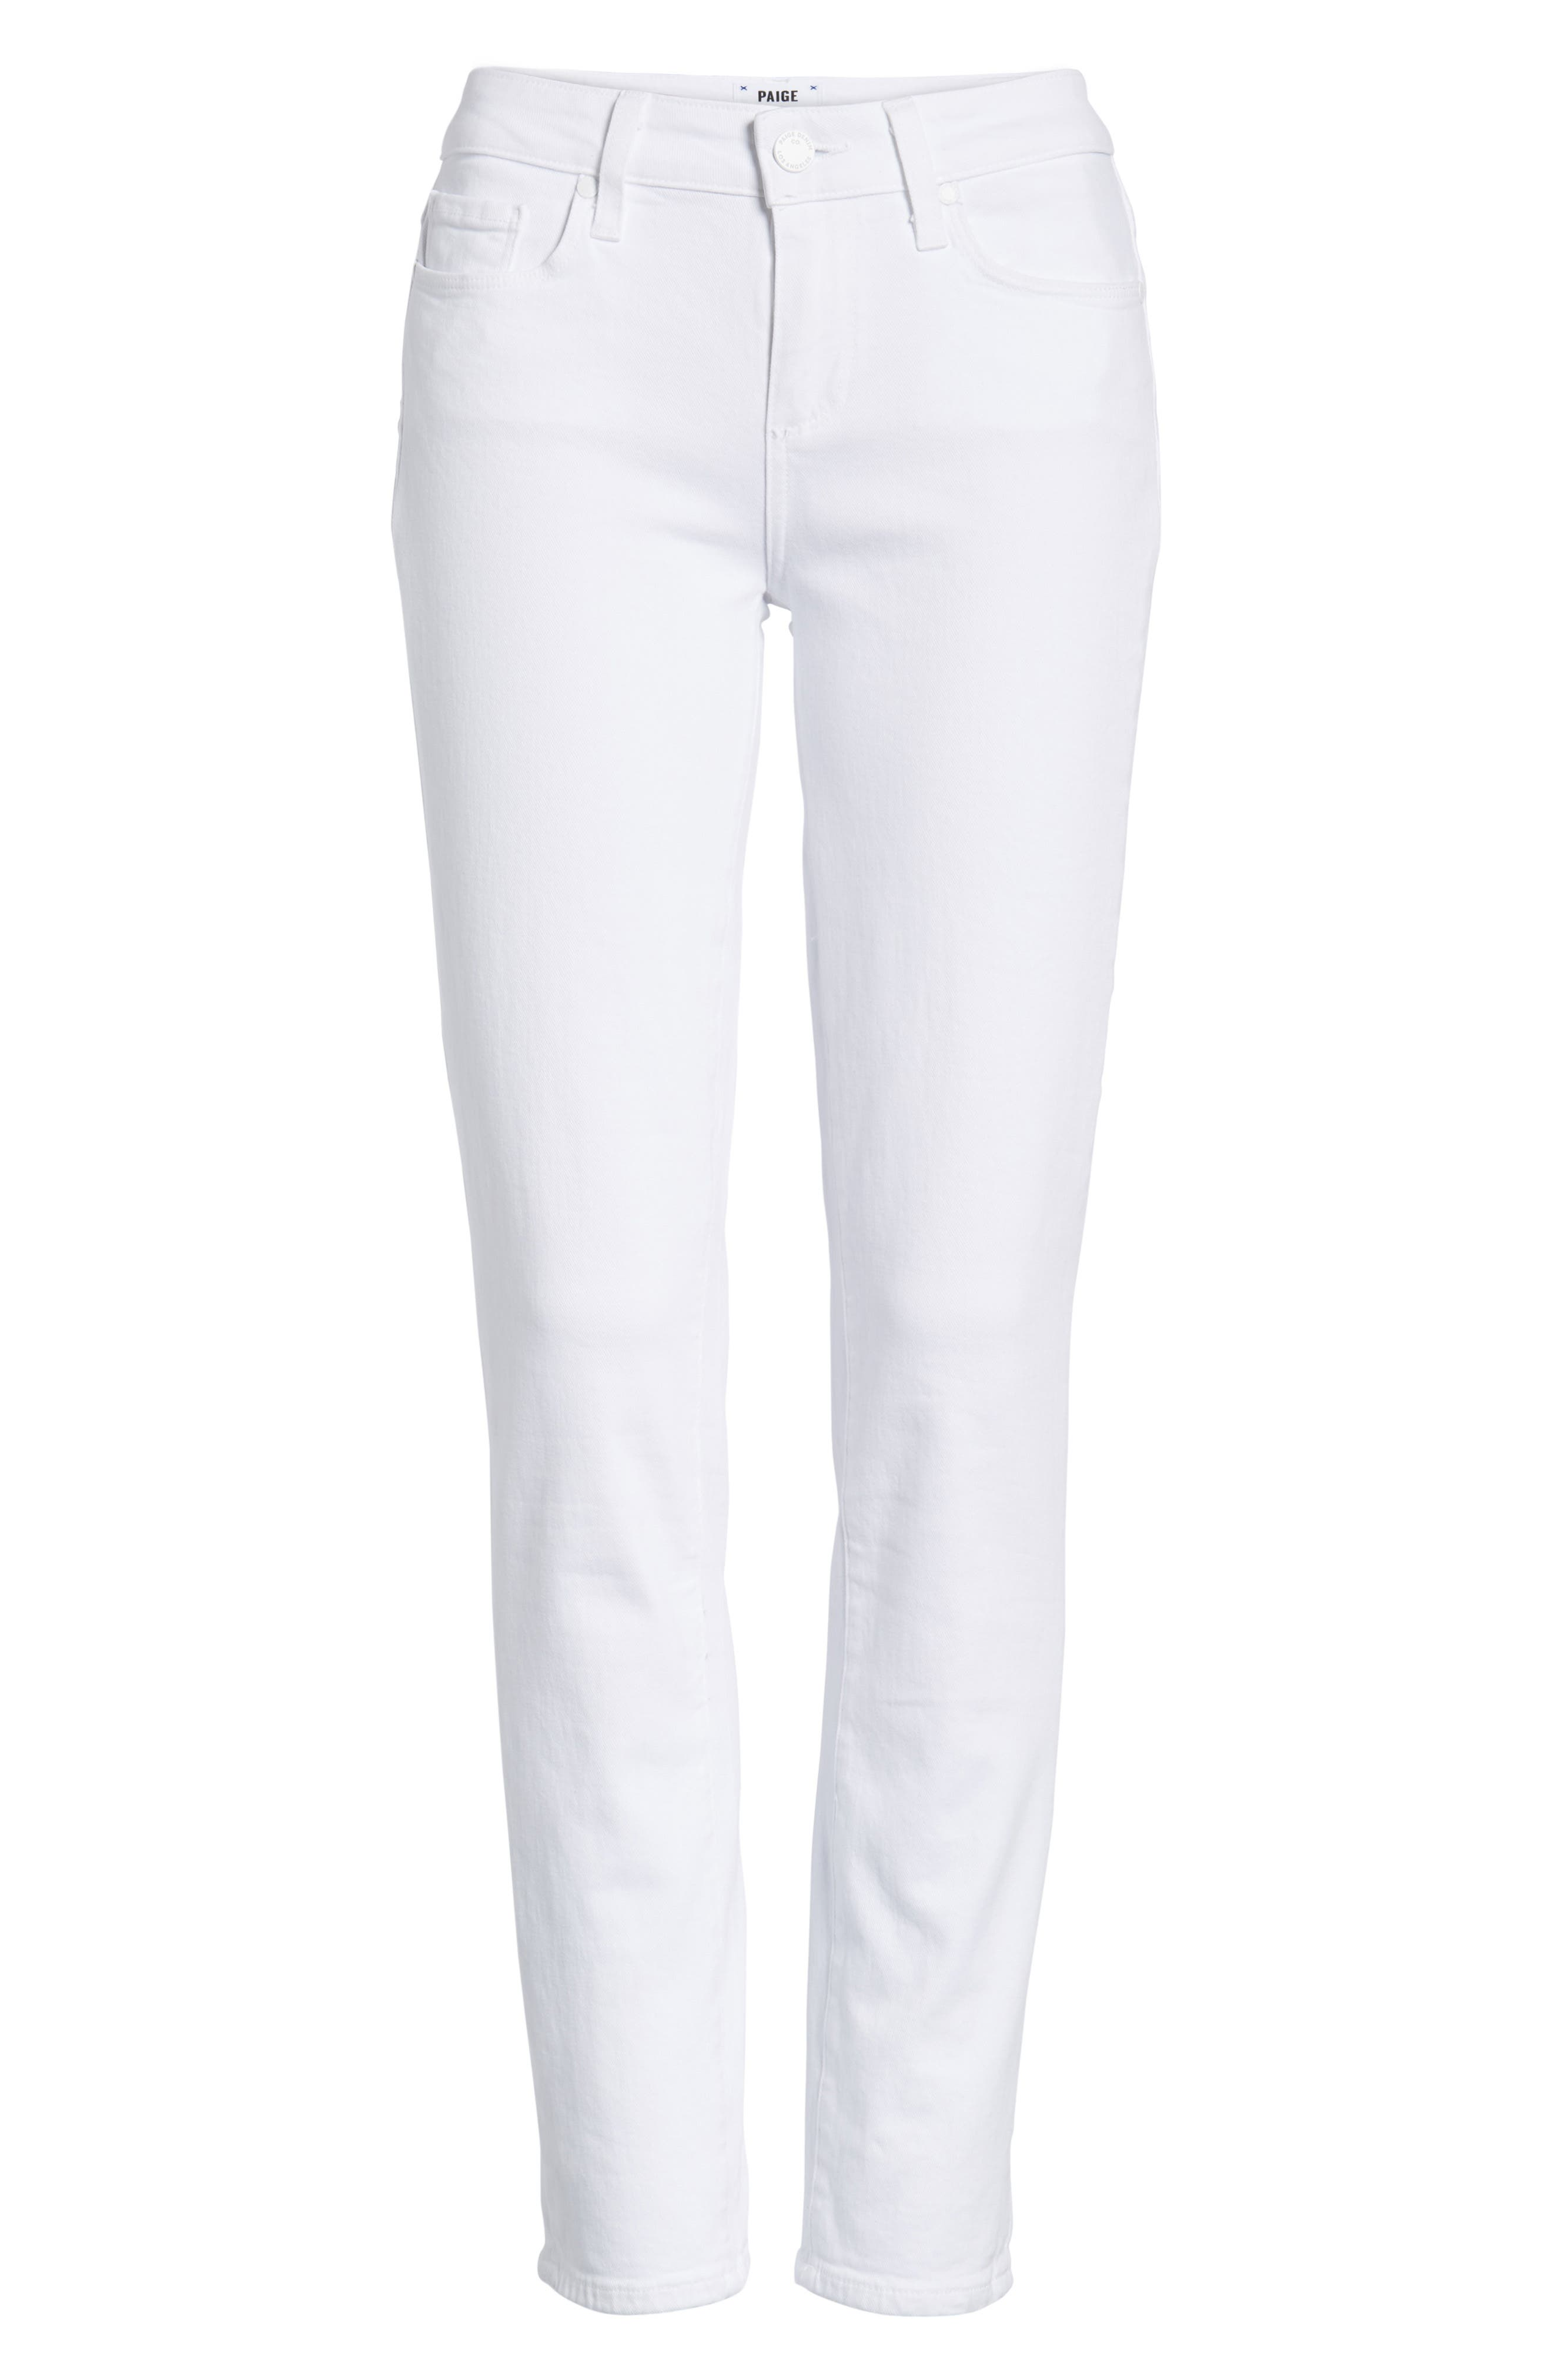 Skyline Ankle Peg Skinny Jeans,                             Alternate thumbnail 7, color,                             Crisp White